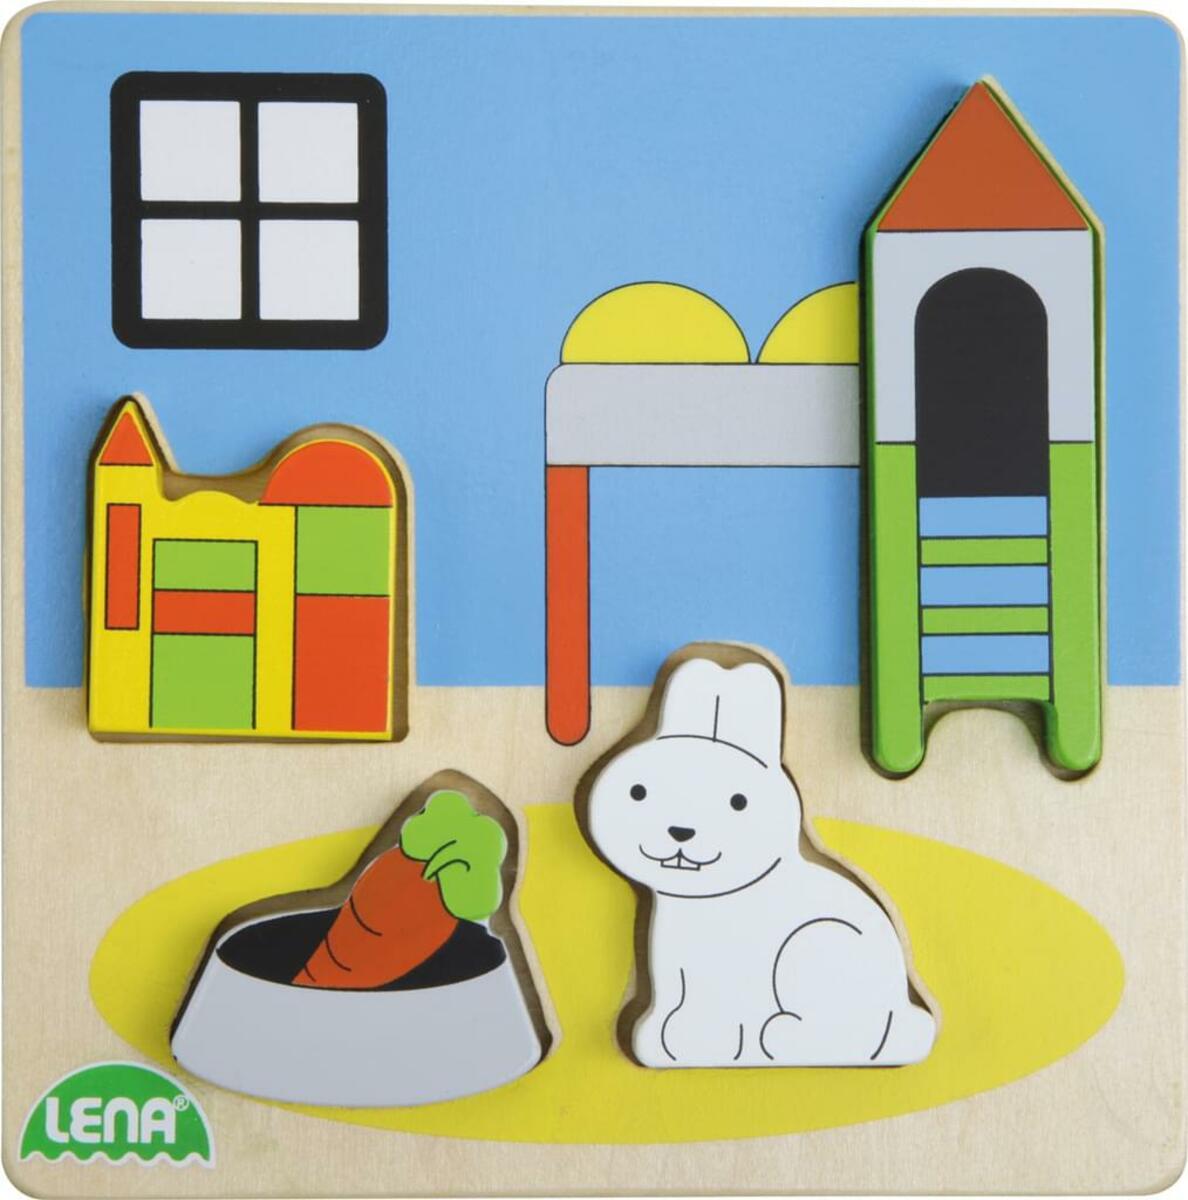 Bild 4 von LENA® 32144 - Holz-Puzzle Kinderzimmer, 4 Teile 4006942837700